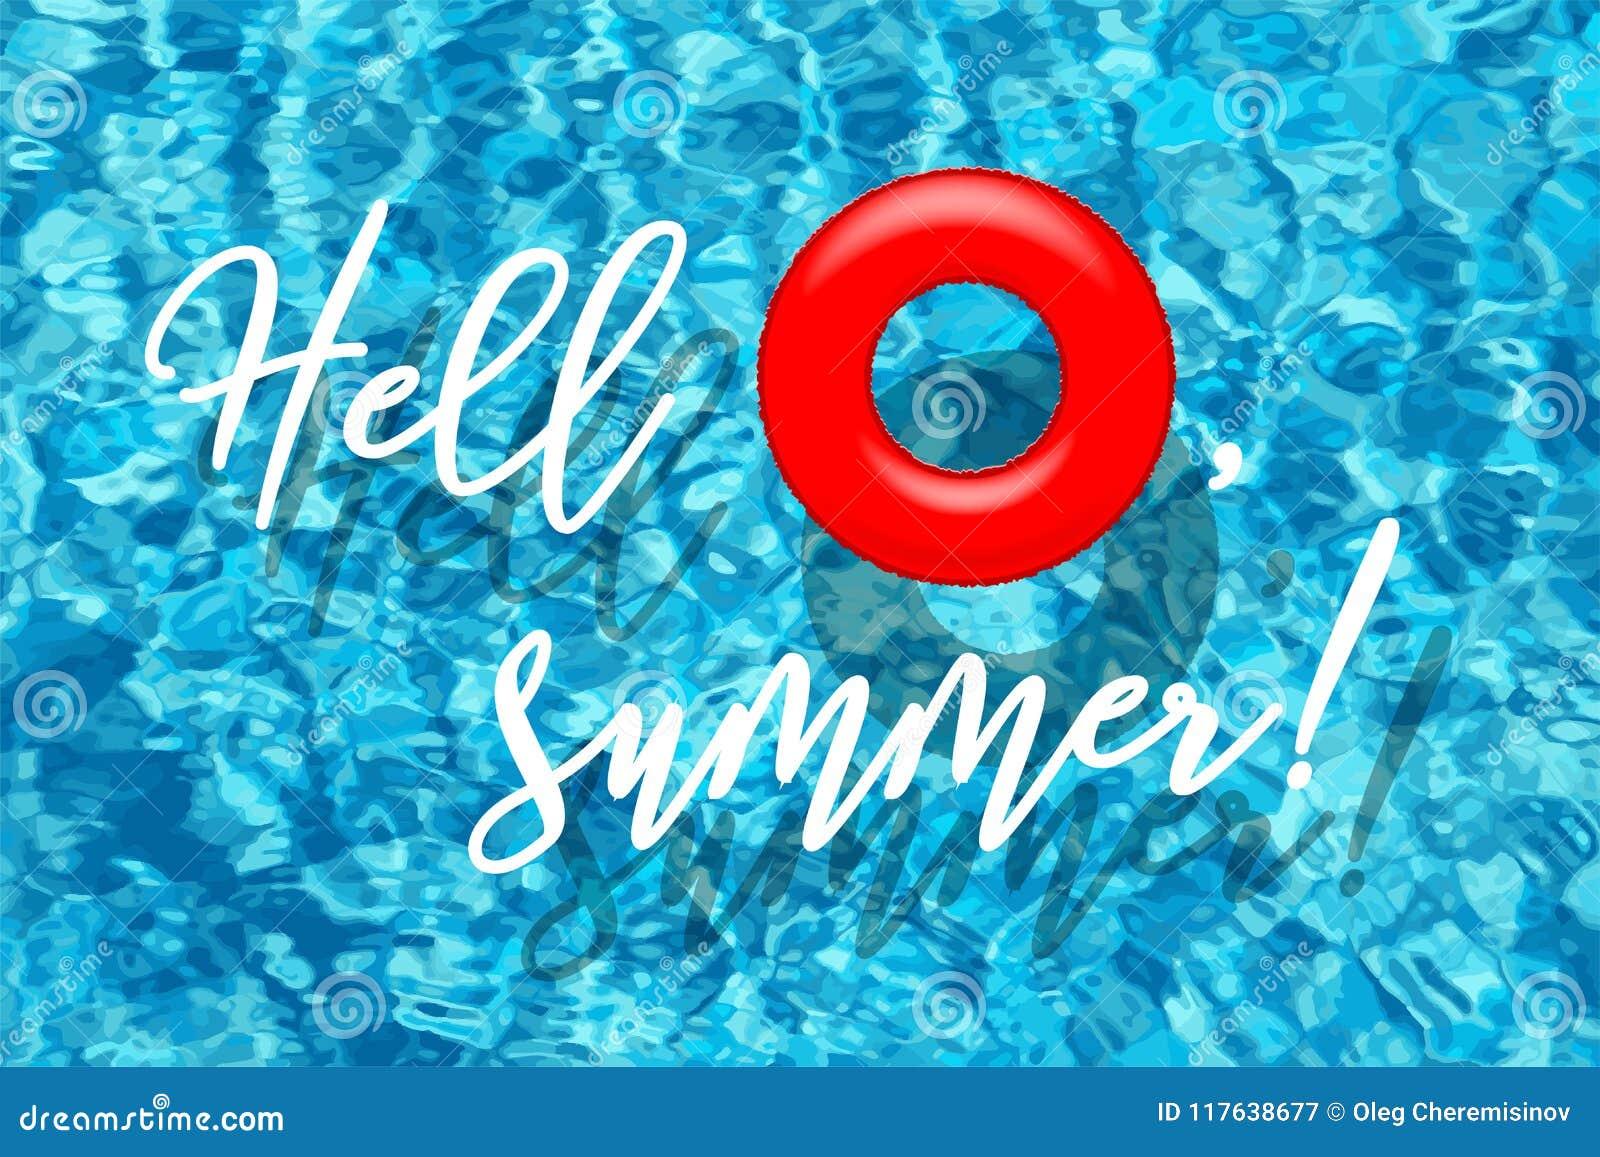 Γειά σου, οι θερινές λέξεις με το κόκκινο κολυμπώντας δαχτυλίδι στην μπλε λίμνη ποτίζουν το υπόβαθρο επίσης corel σύρετε το διάνυ